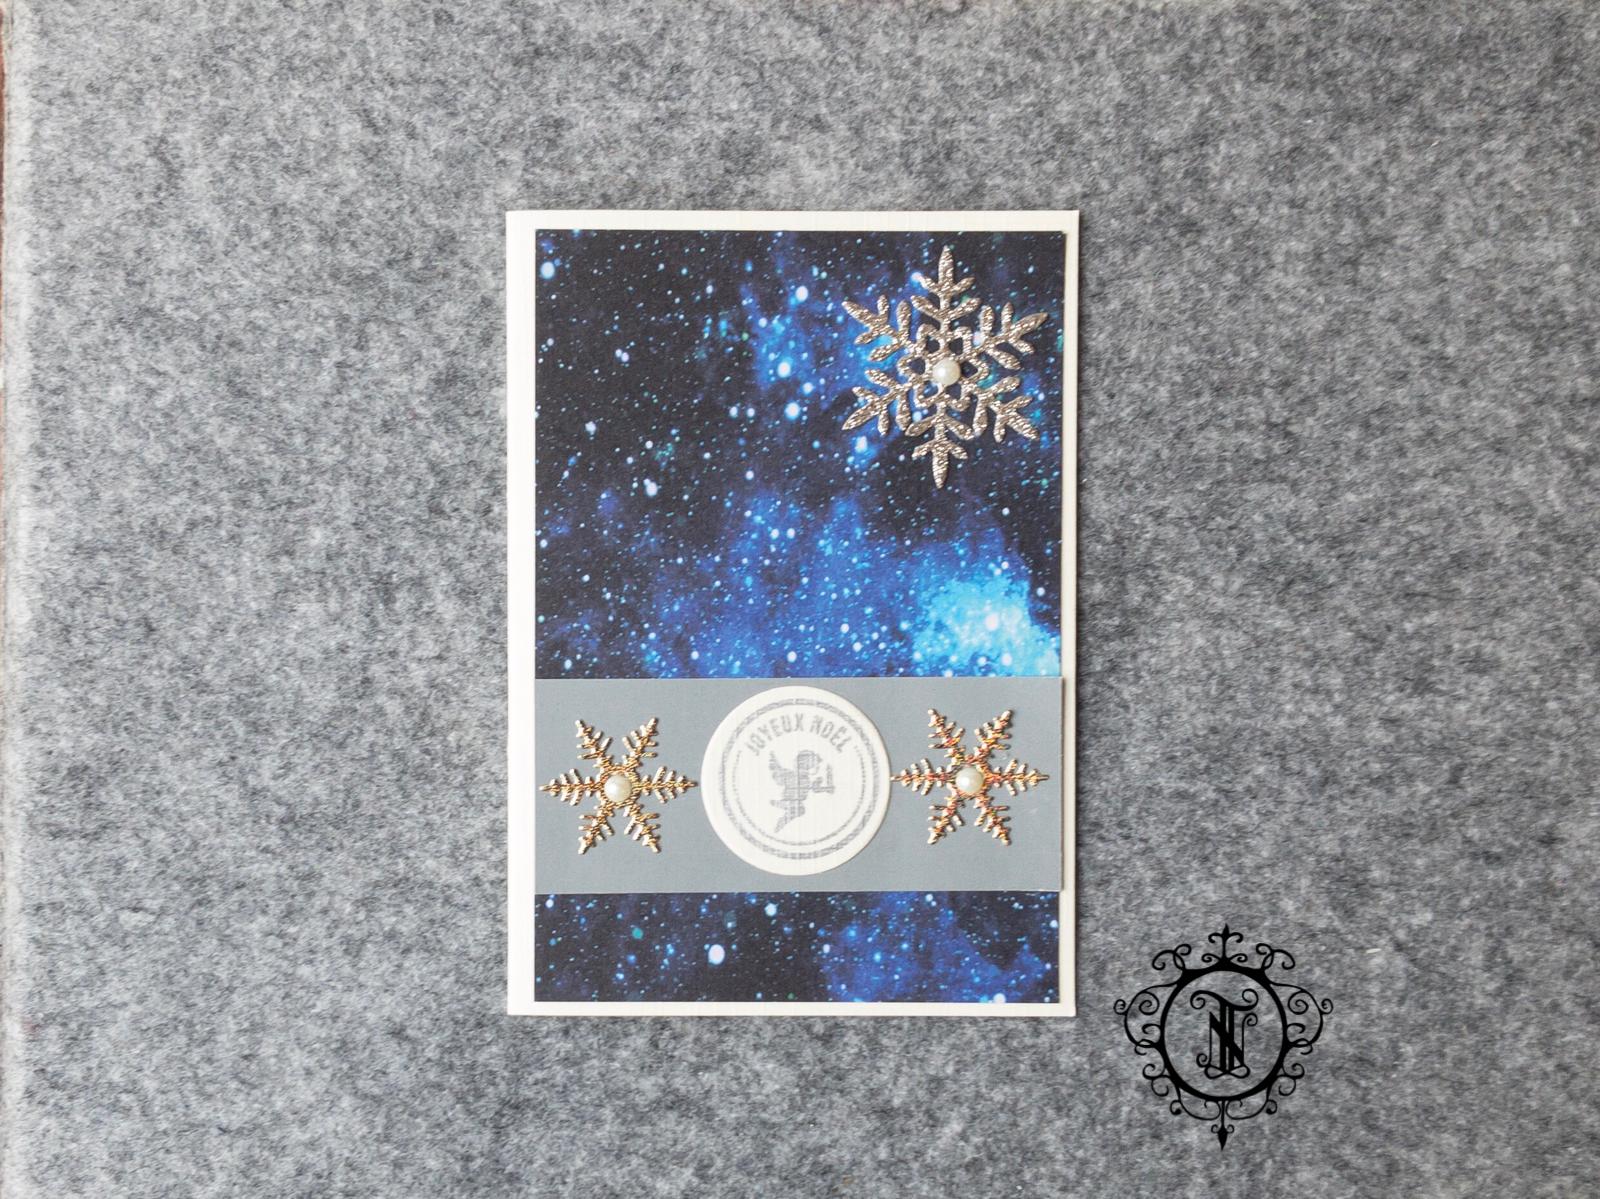 Weisse Karte. Ein Dunkelblaue Hintergrund der an das Universum errinnert. 3 ausgestanzte glitzernde Schneeflocken. Ein rundes Joyeux Noël Schild.